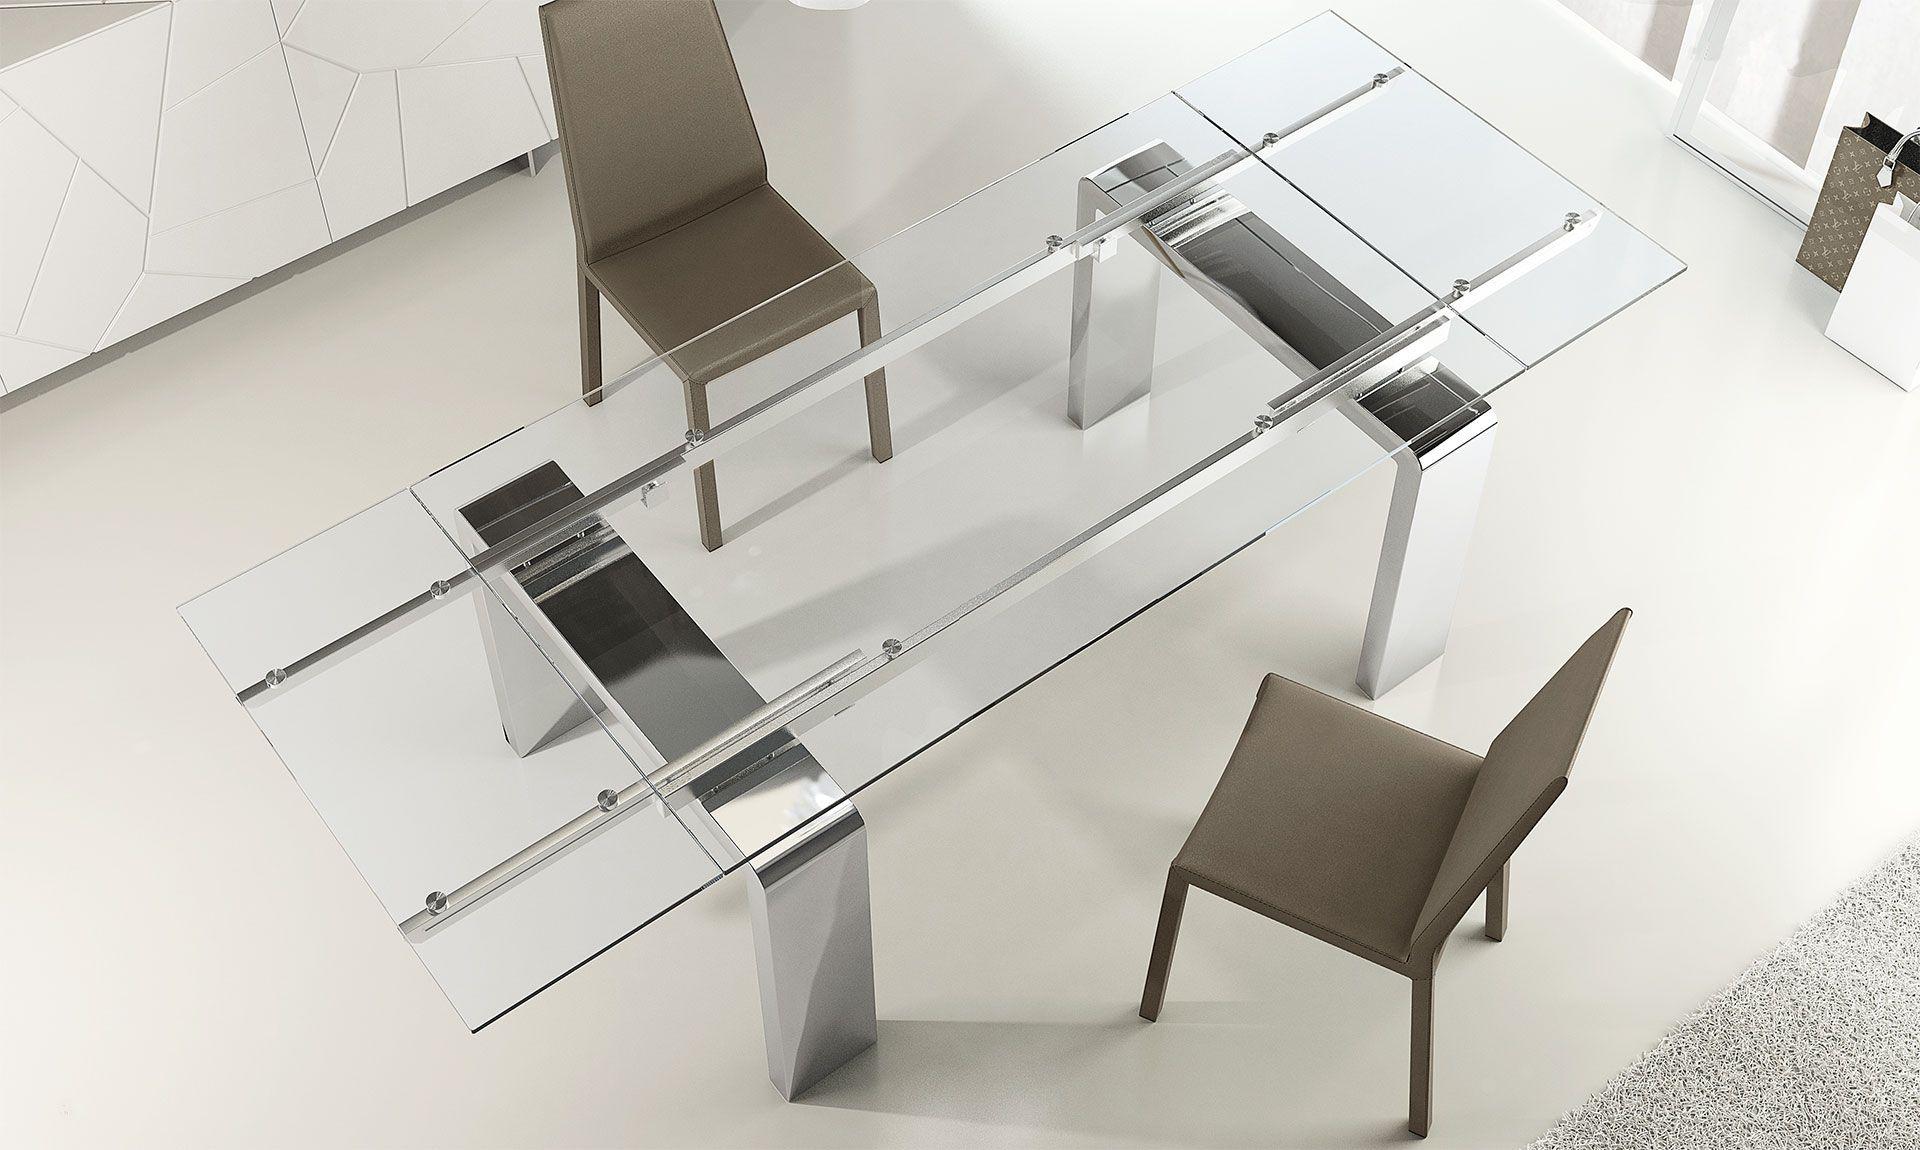 Tavolo vetro e acciaio tavoli di legno per cucina ...